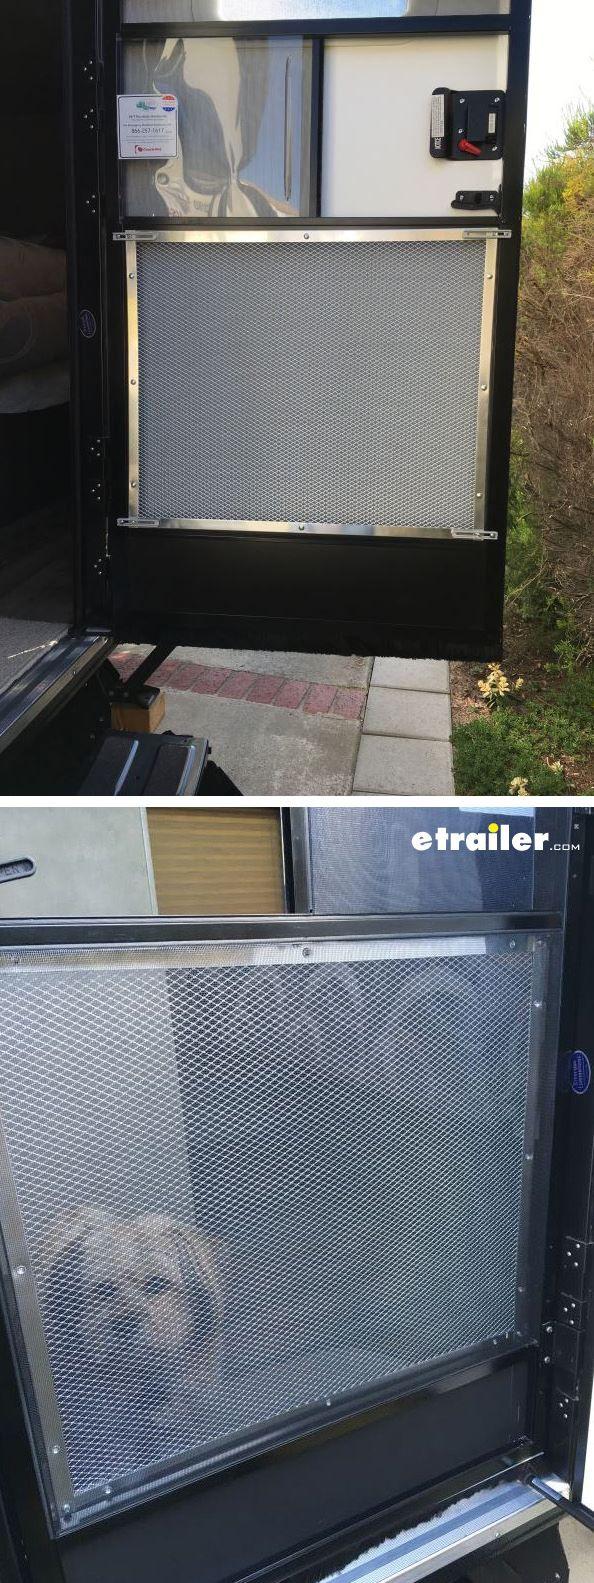 Camco Rv Adjustable Screen Door Standard Grille Aluminum Camco Rv Doors Cam43980 Screen Door Protector Rv Screen Door Pet Screen Door